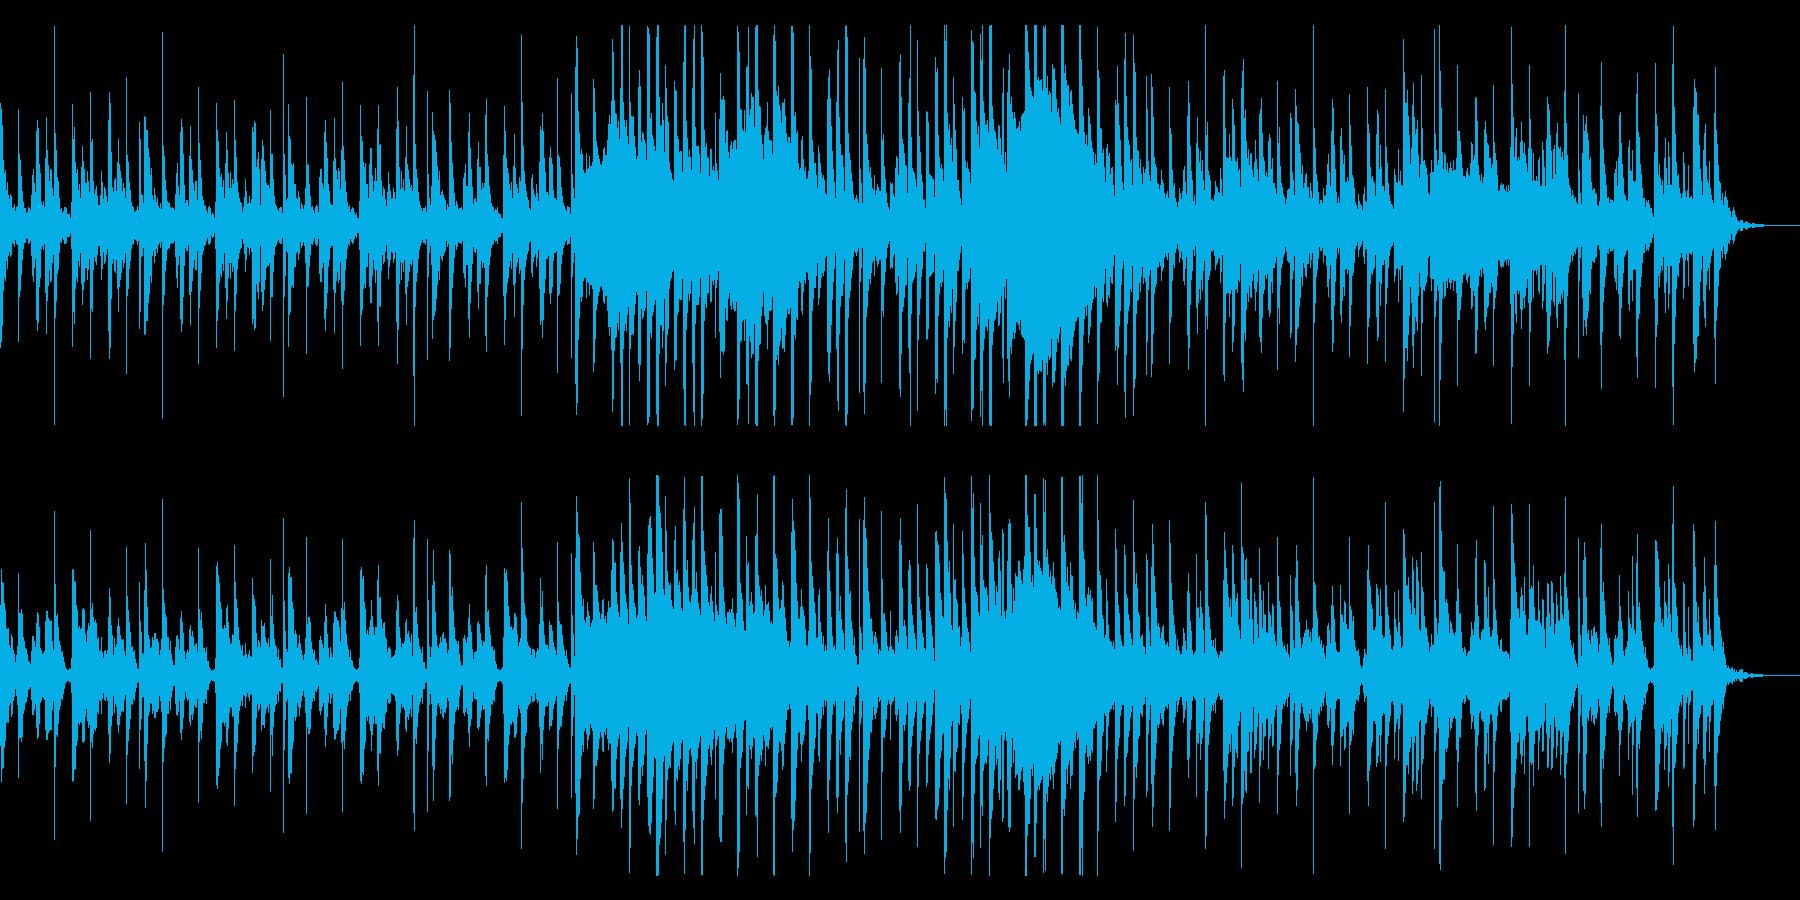 昔話で使われるようなのんきな和風BGMの再生済みの波形